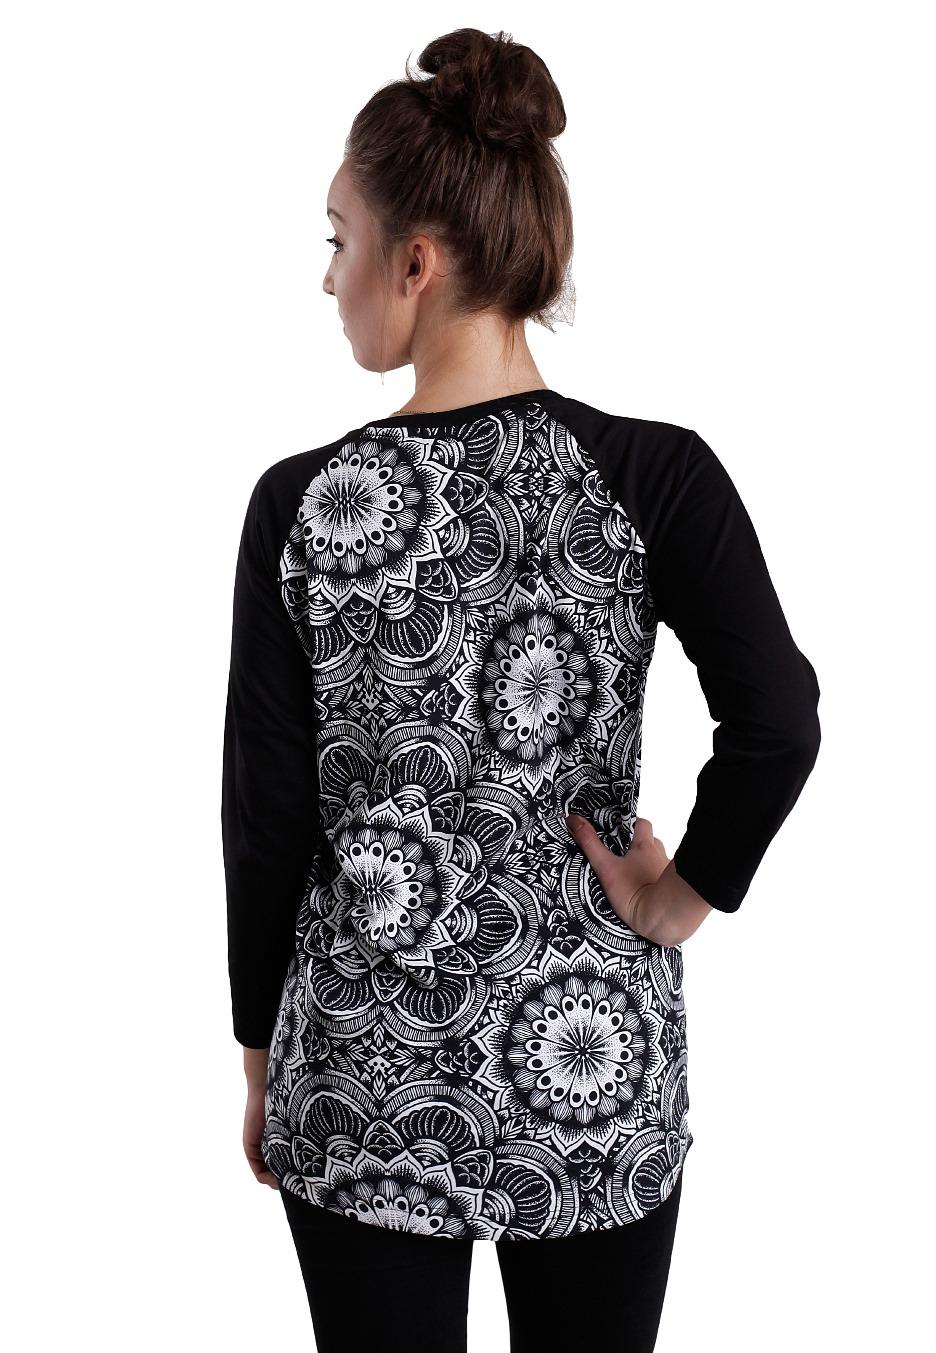 Abandon Ship Apparel - Mandala Multi Black - Longsleeve - Streetwear ... 307fd2bea